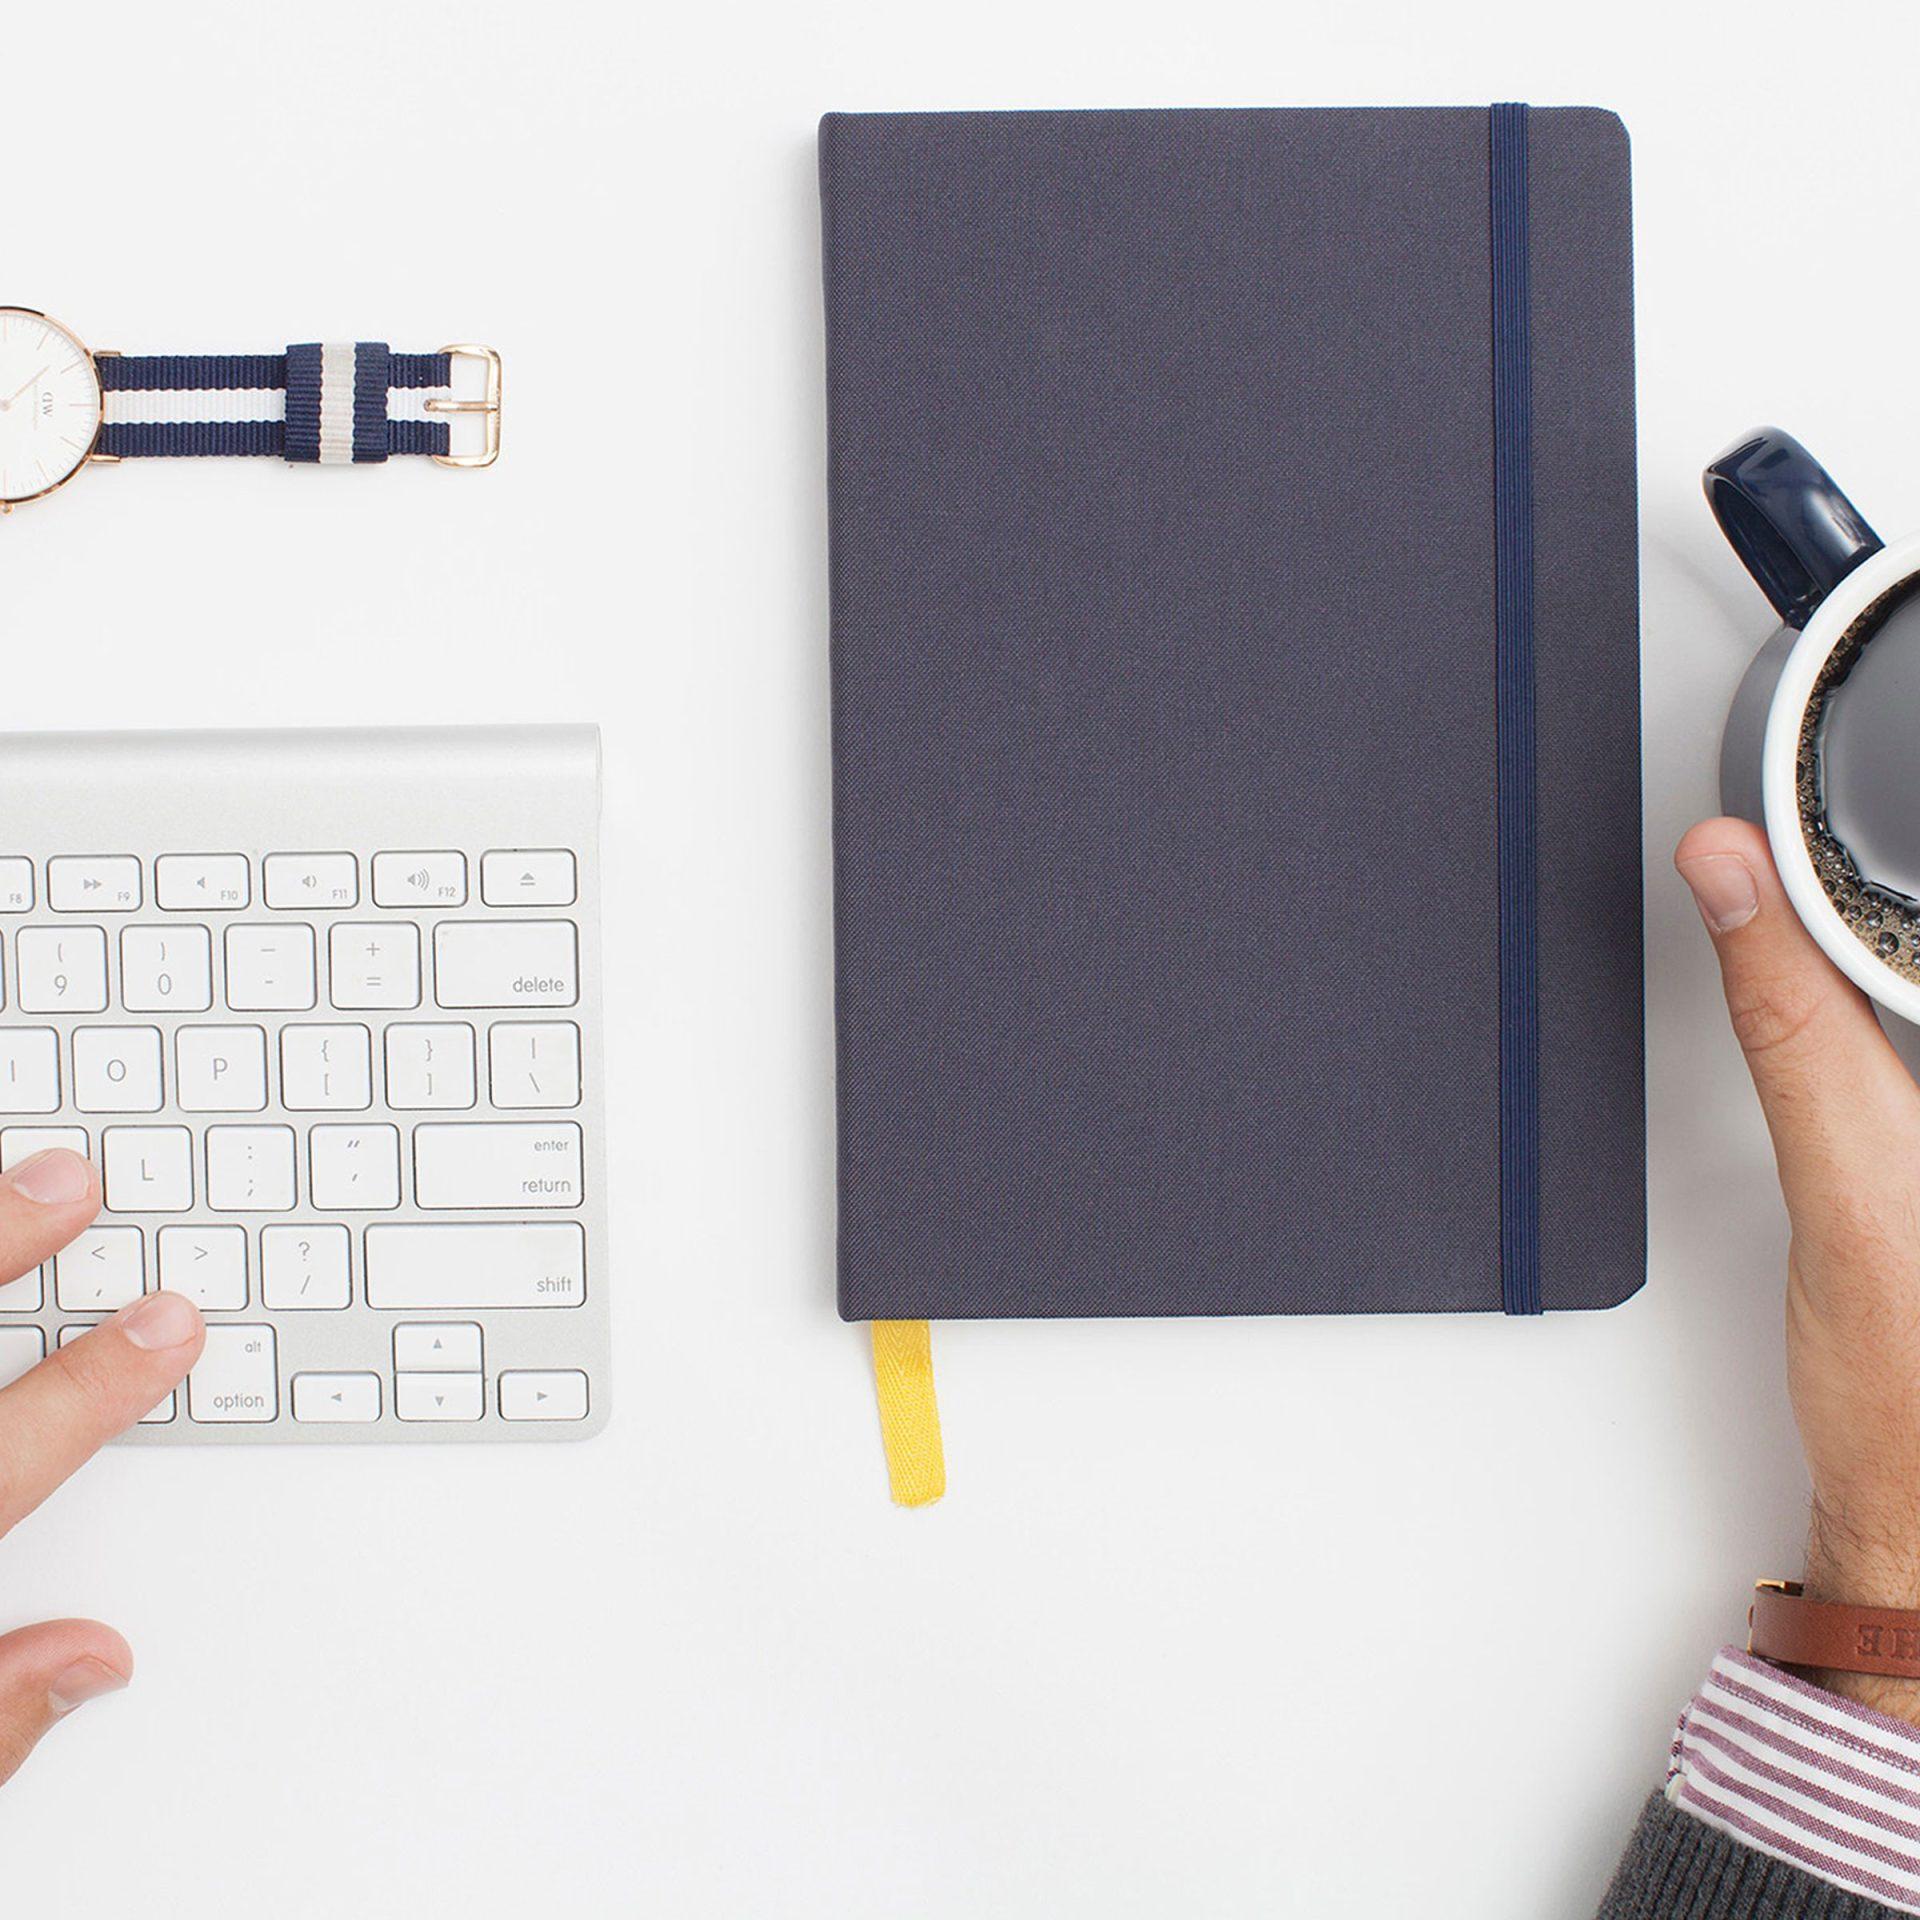 Cursus Wordpress webwinkel: toetsenbord, horloge, notitieblok, kop koffie